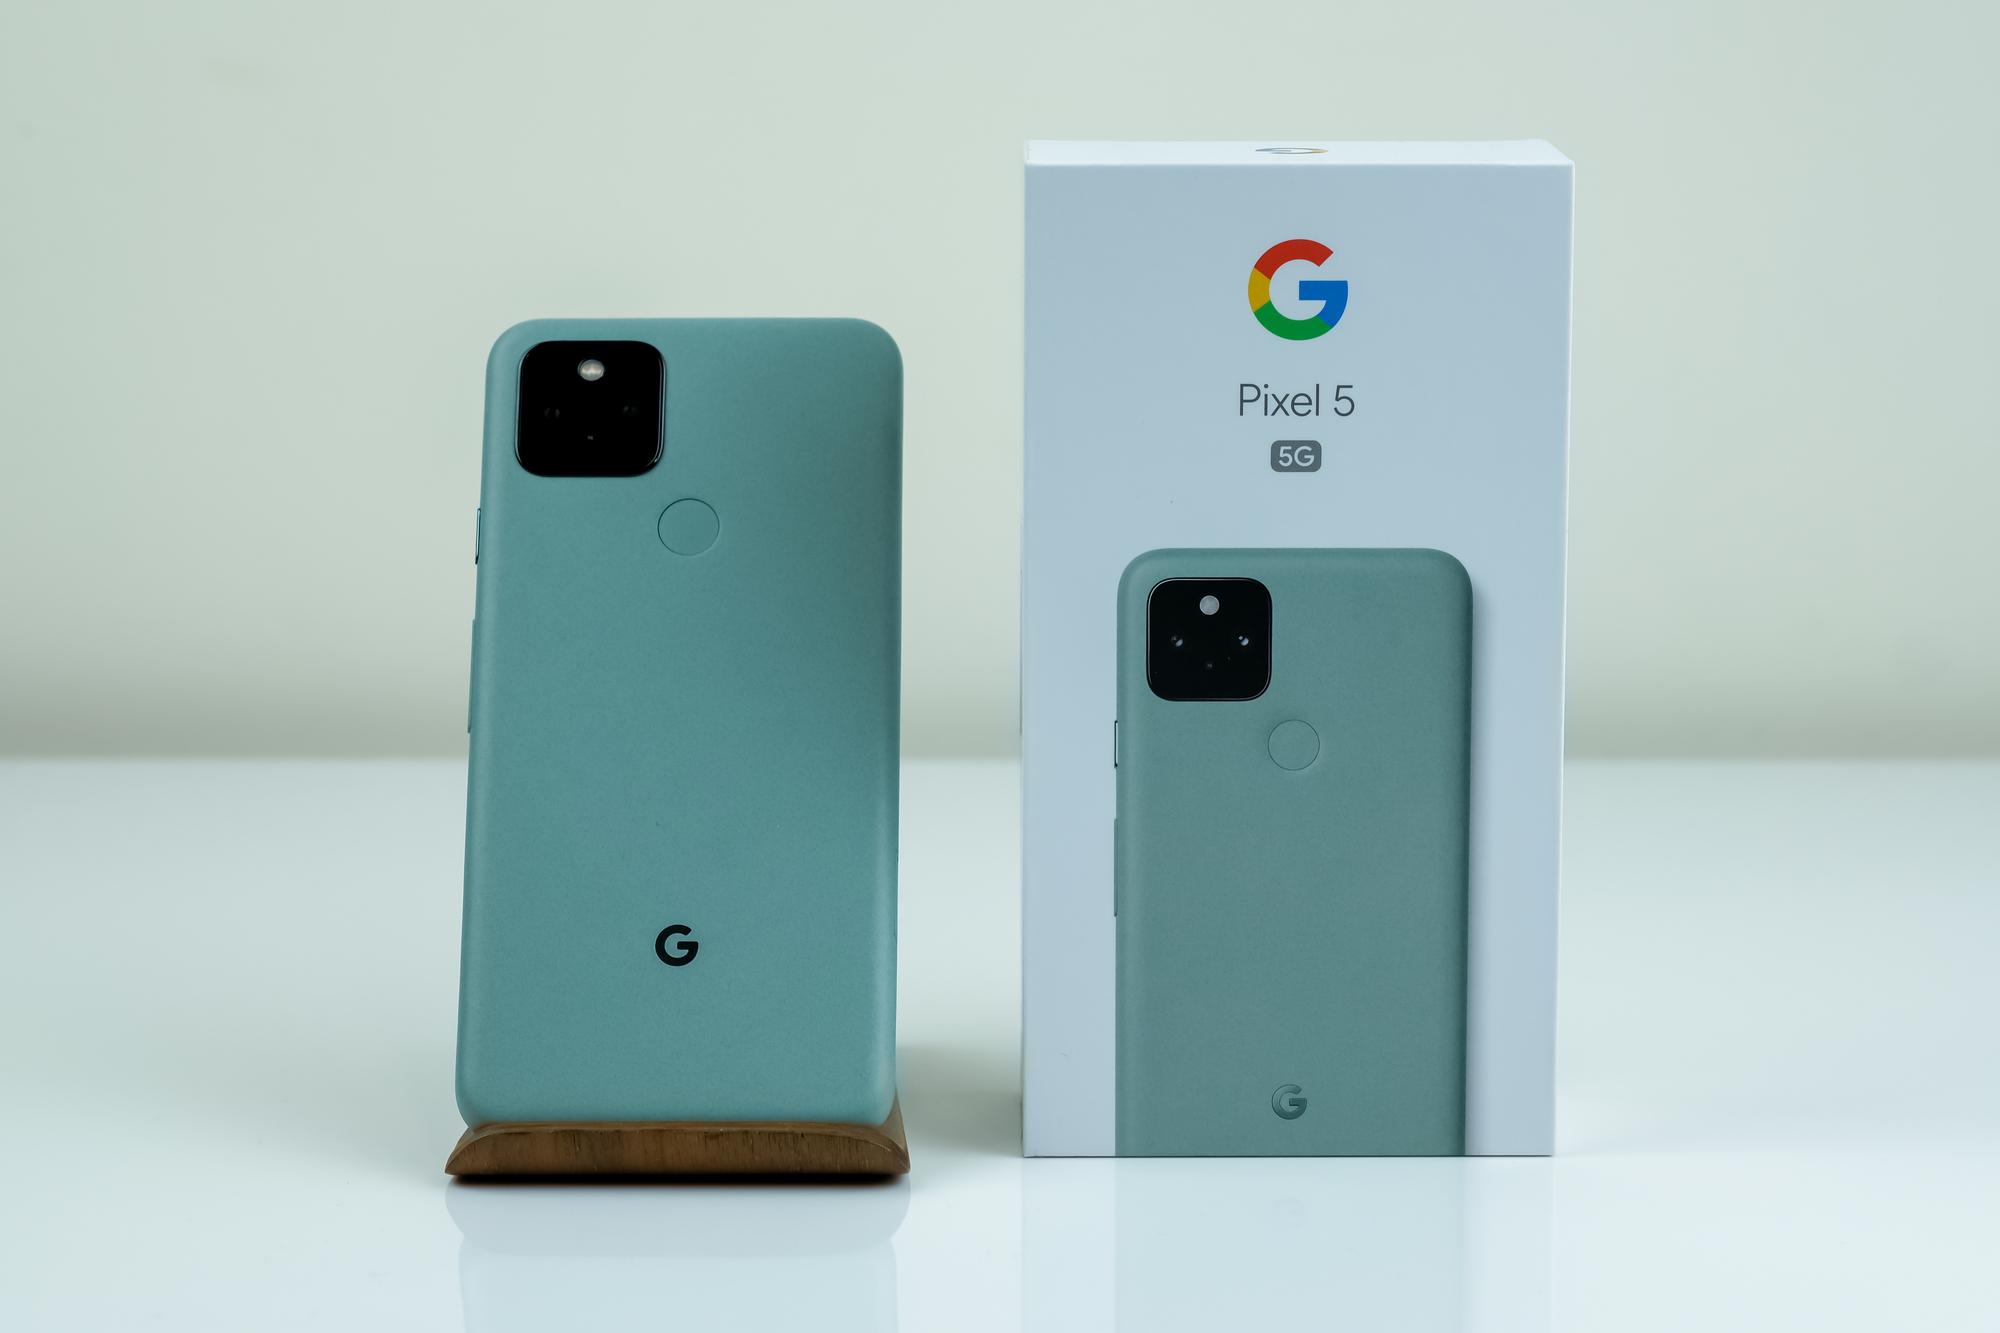 טלפון פיקסל 5 של גוגל. אילוסטרציה: depositphotos.com